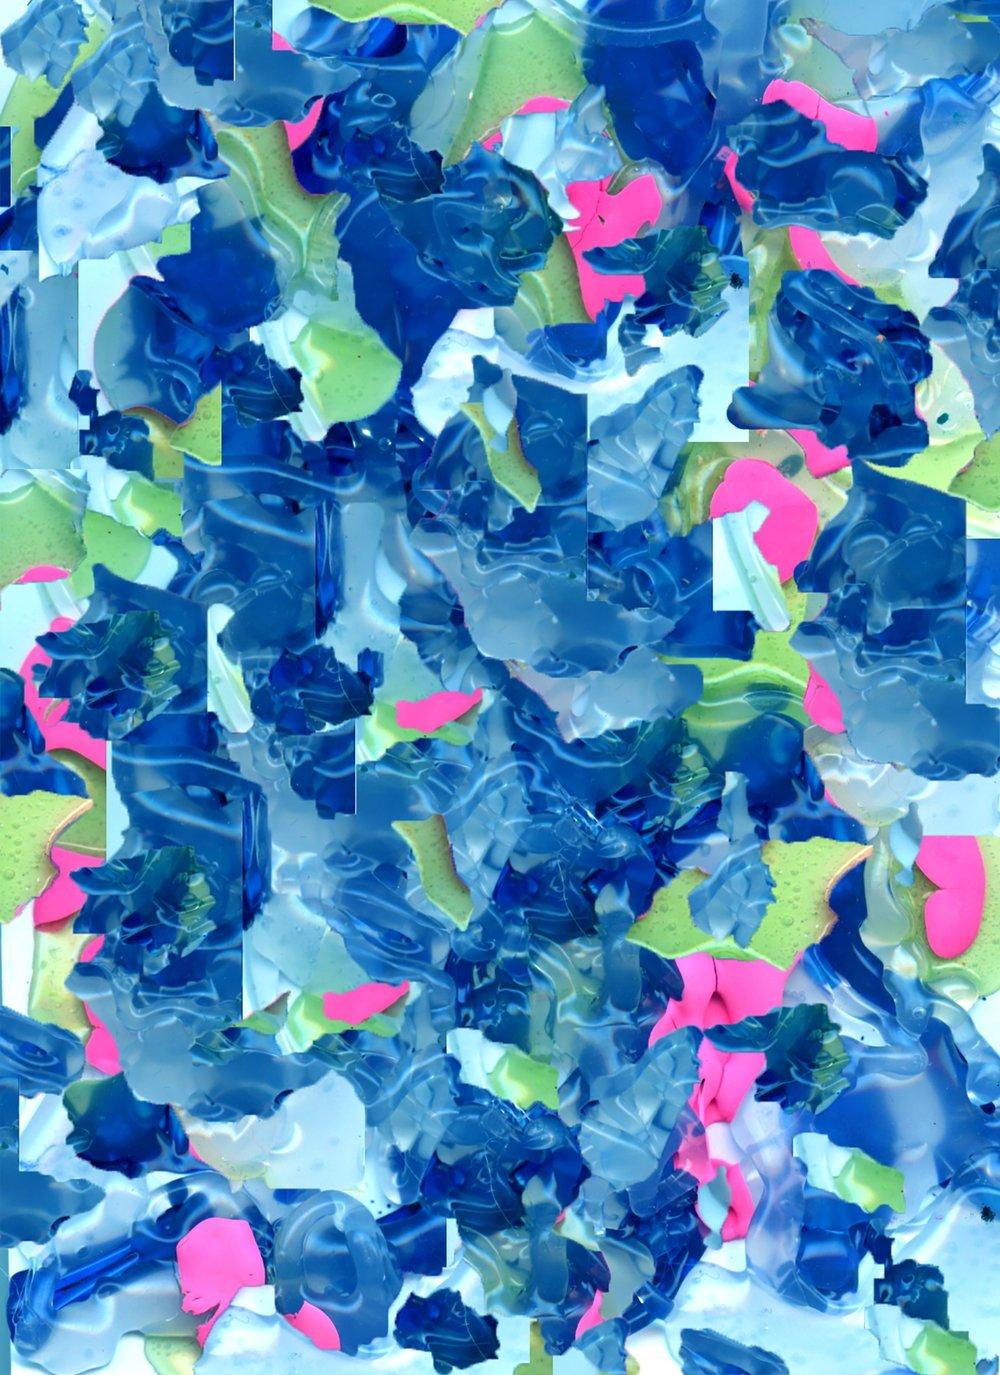 blu.jpg